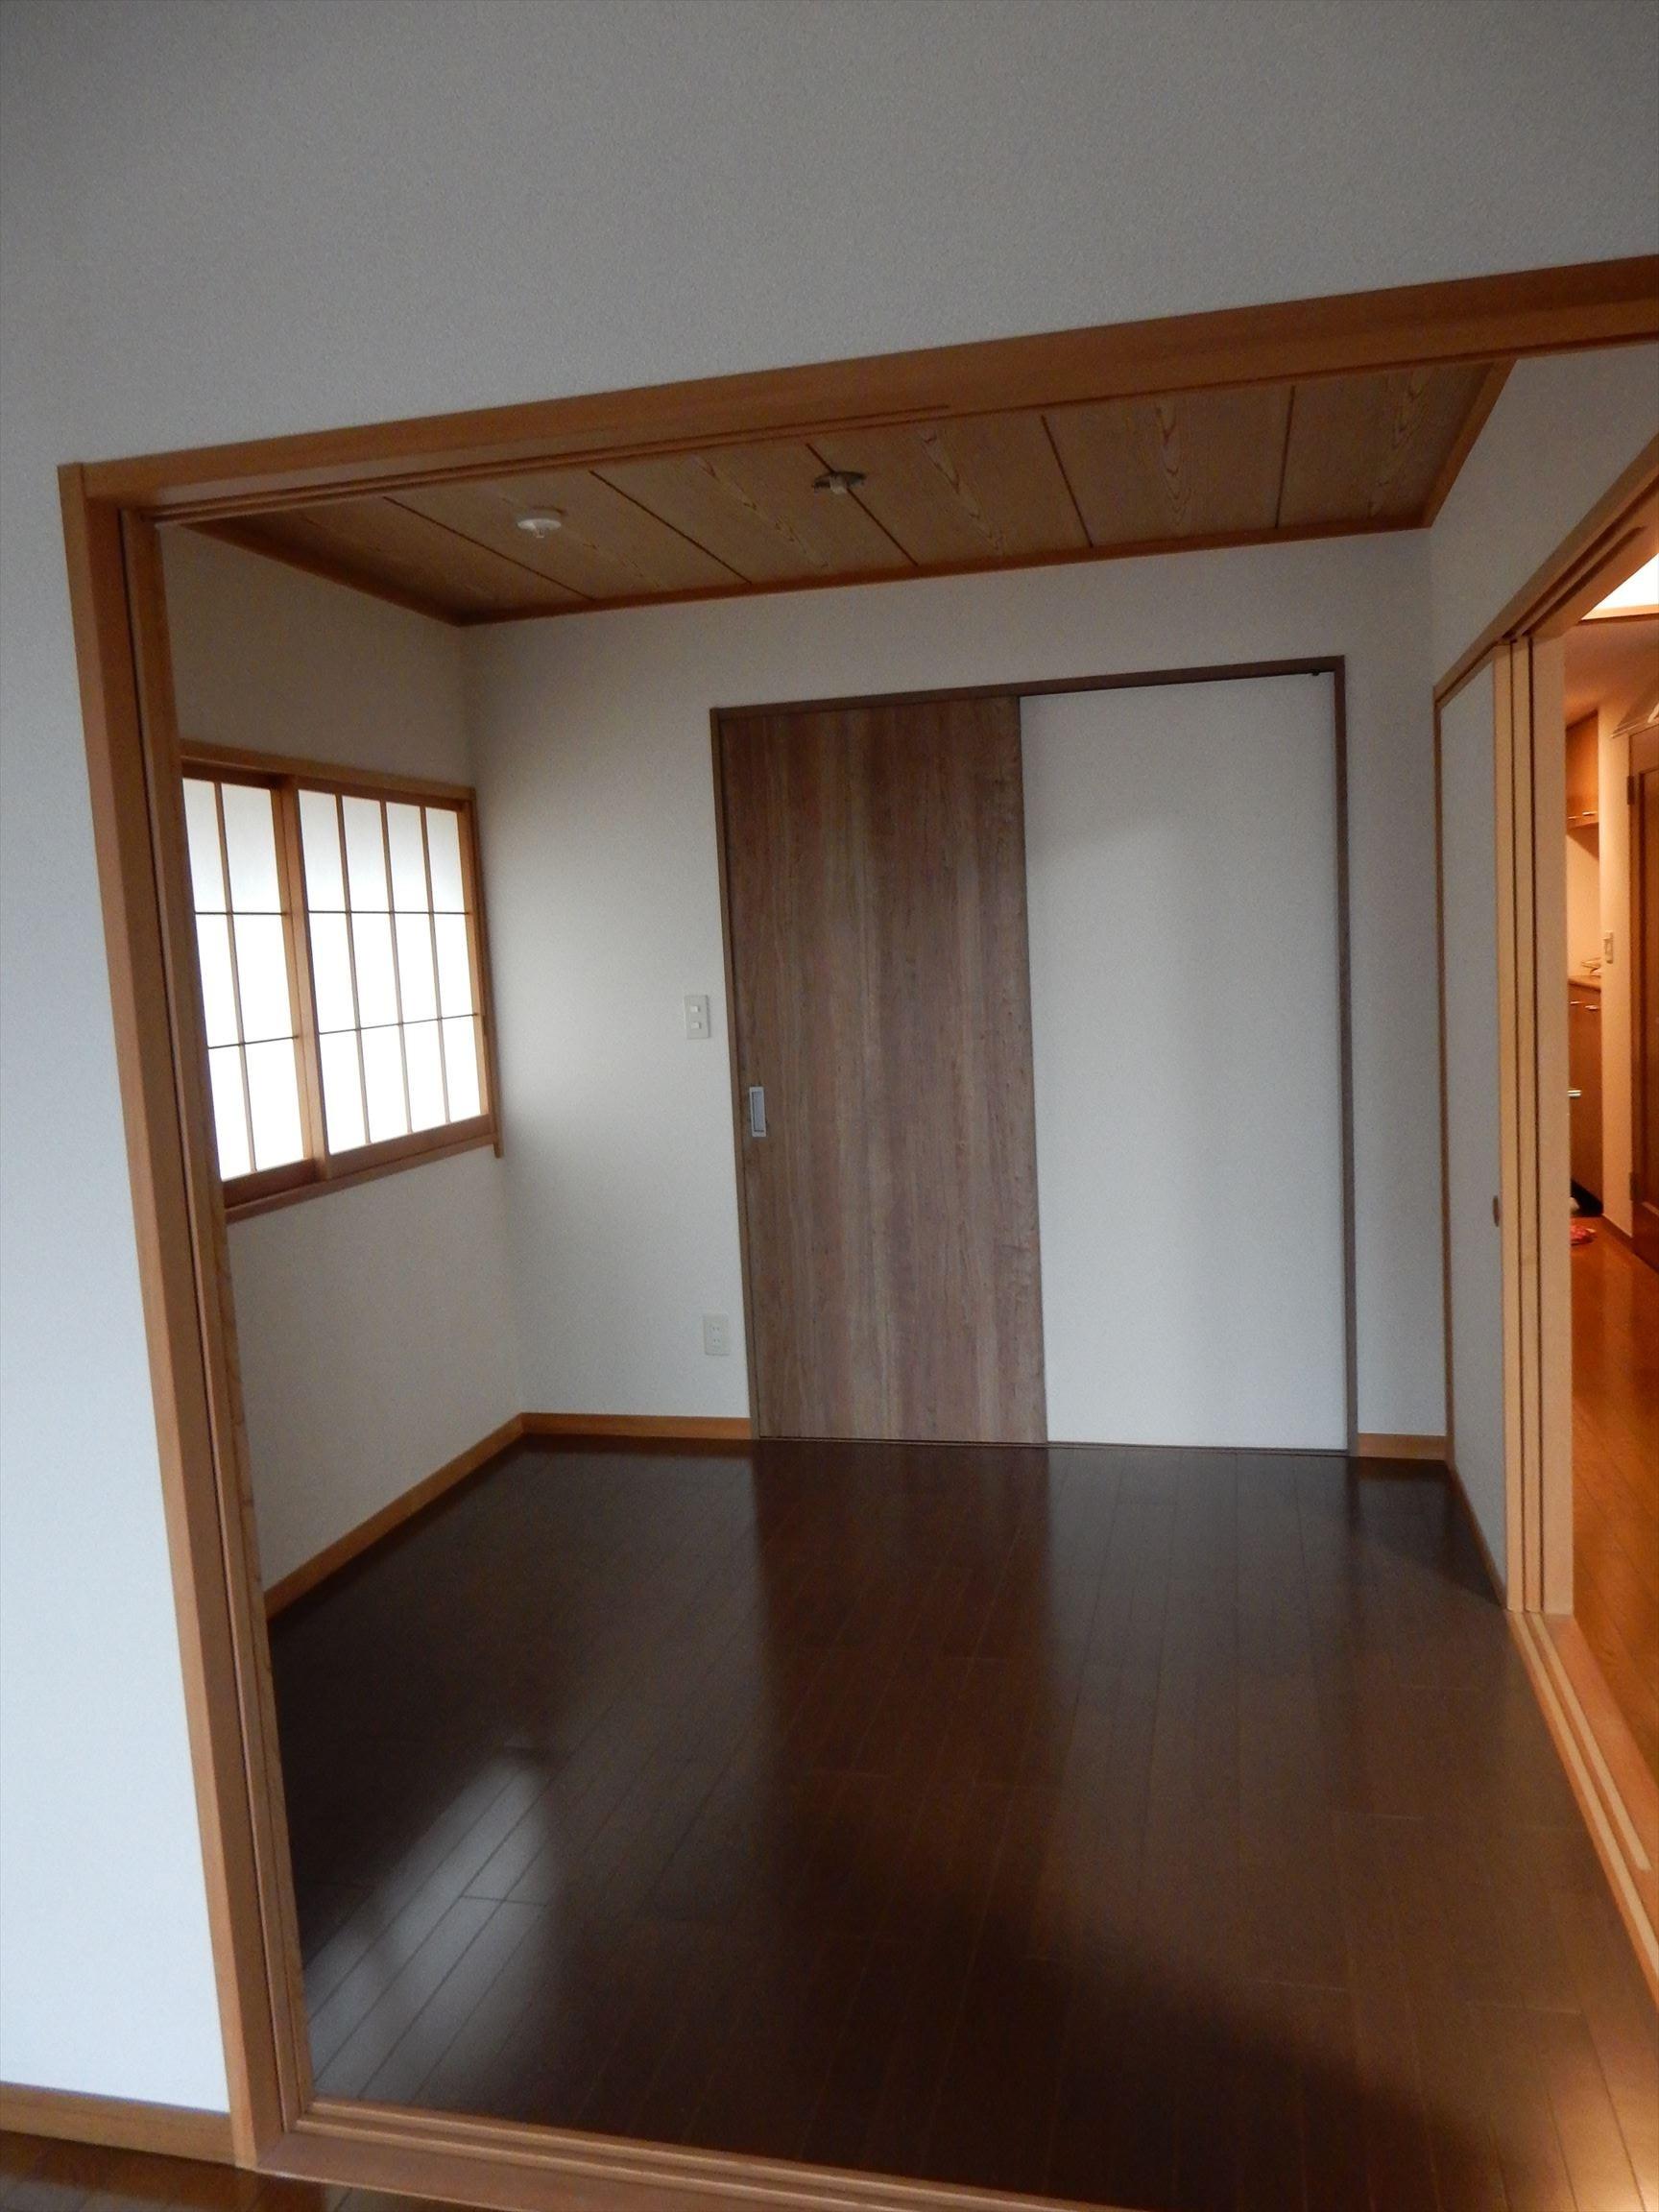 ベッドルーム事例:娘さんの部屋と隣り合わせのお母さまの寝室(海と城を見ながら暮らす終の棲家・マンションリノベーション)